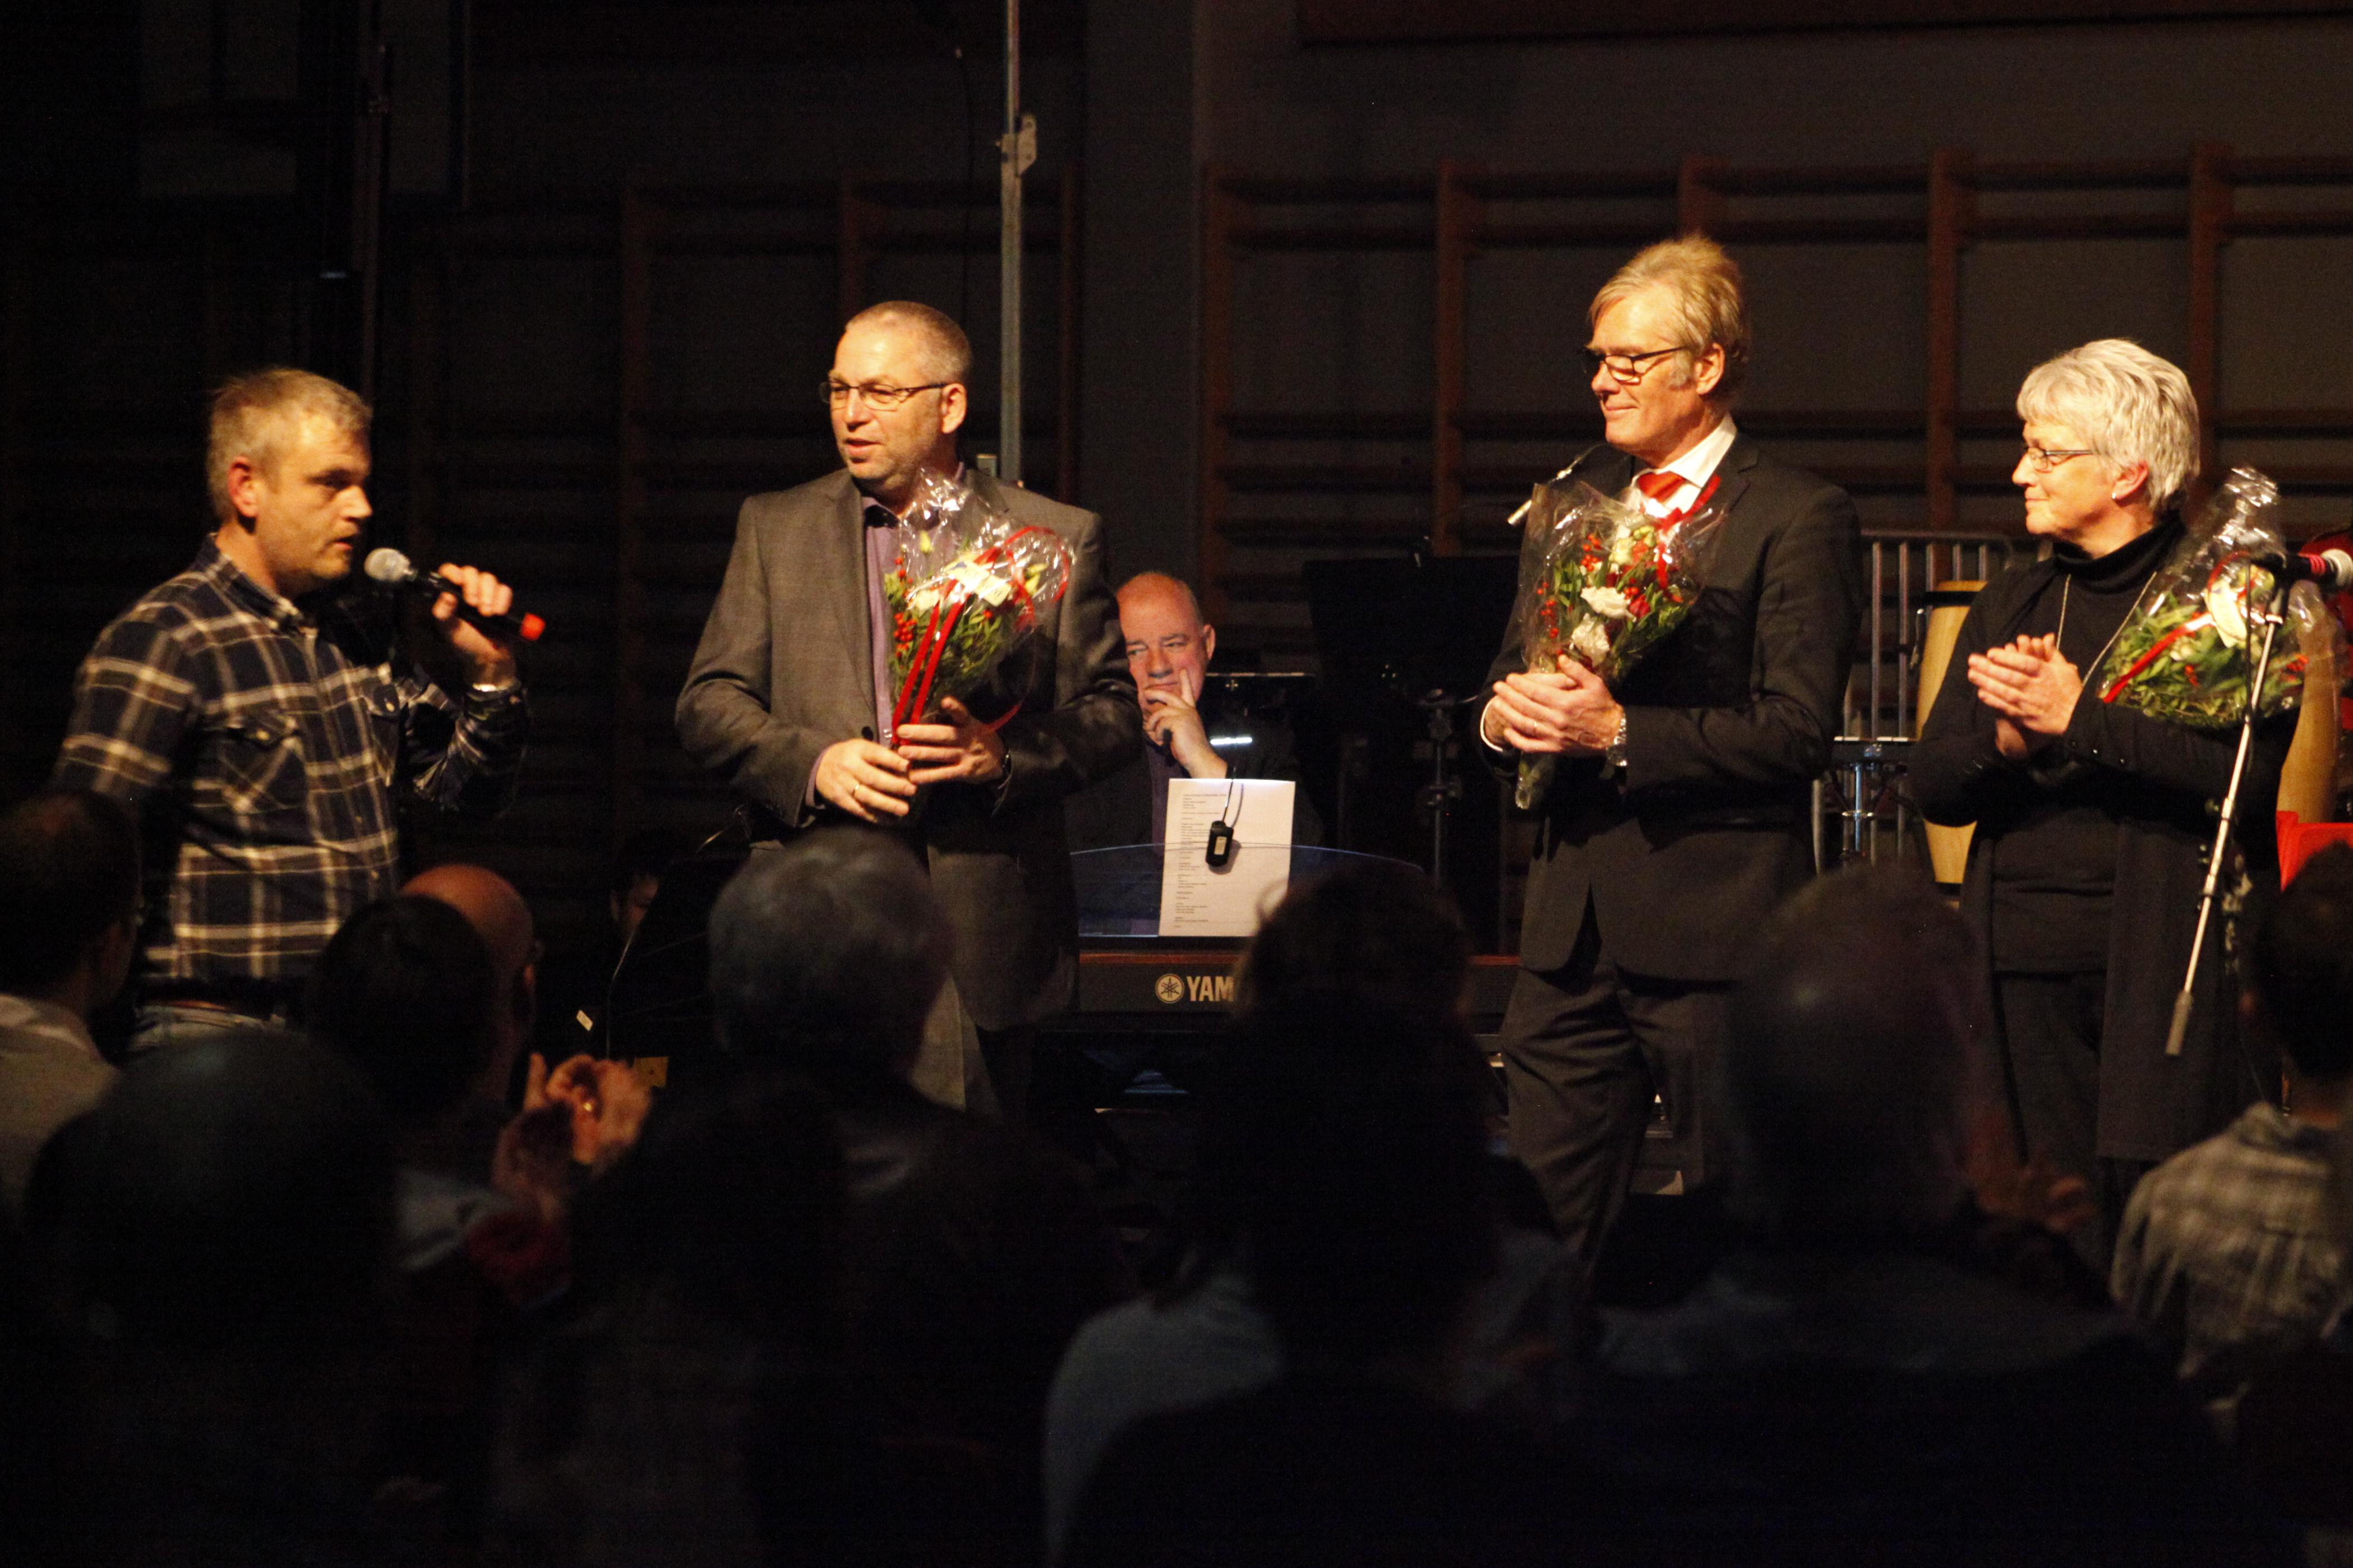 Fredag 9. desember 2016, Lucia - konsert i Klæbuhallen.